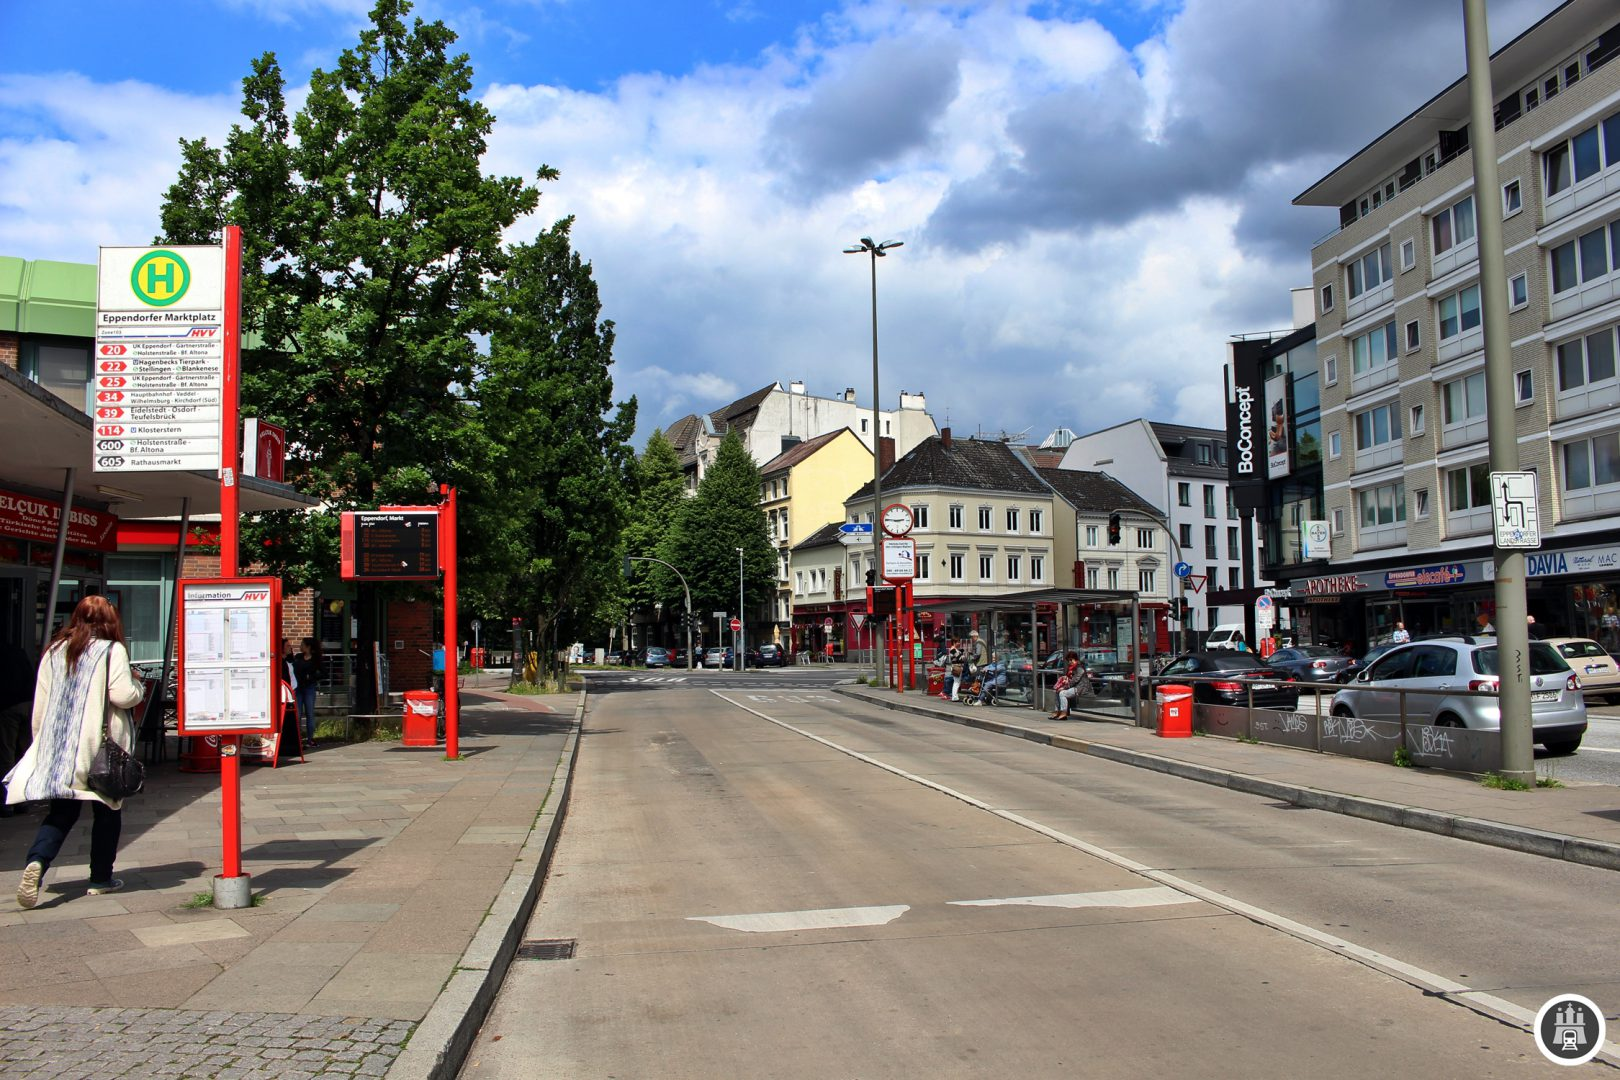 """Eppendorf ist Hamburgs ältestes Dorf. Bereits 1140 erstmals erwähnt, wurde es 1894 zu Hamburger Stadtgebiet. Der Name leitet sich entweder vom plattdeutschen epen (""""am Wasser"""") oder von der Namen der Personen Ebo, Ebbo oder Eppo ab. Durch Eppendorf fließt die Alster."""